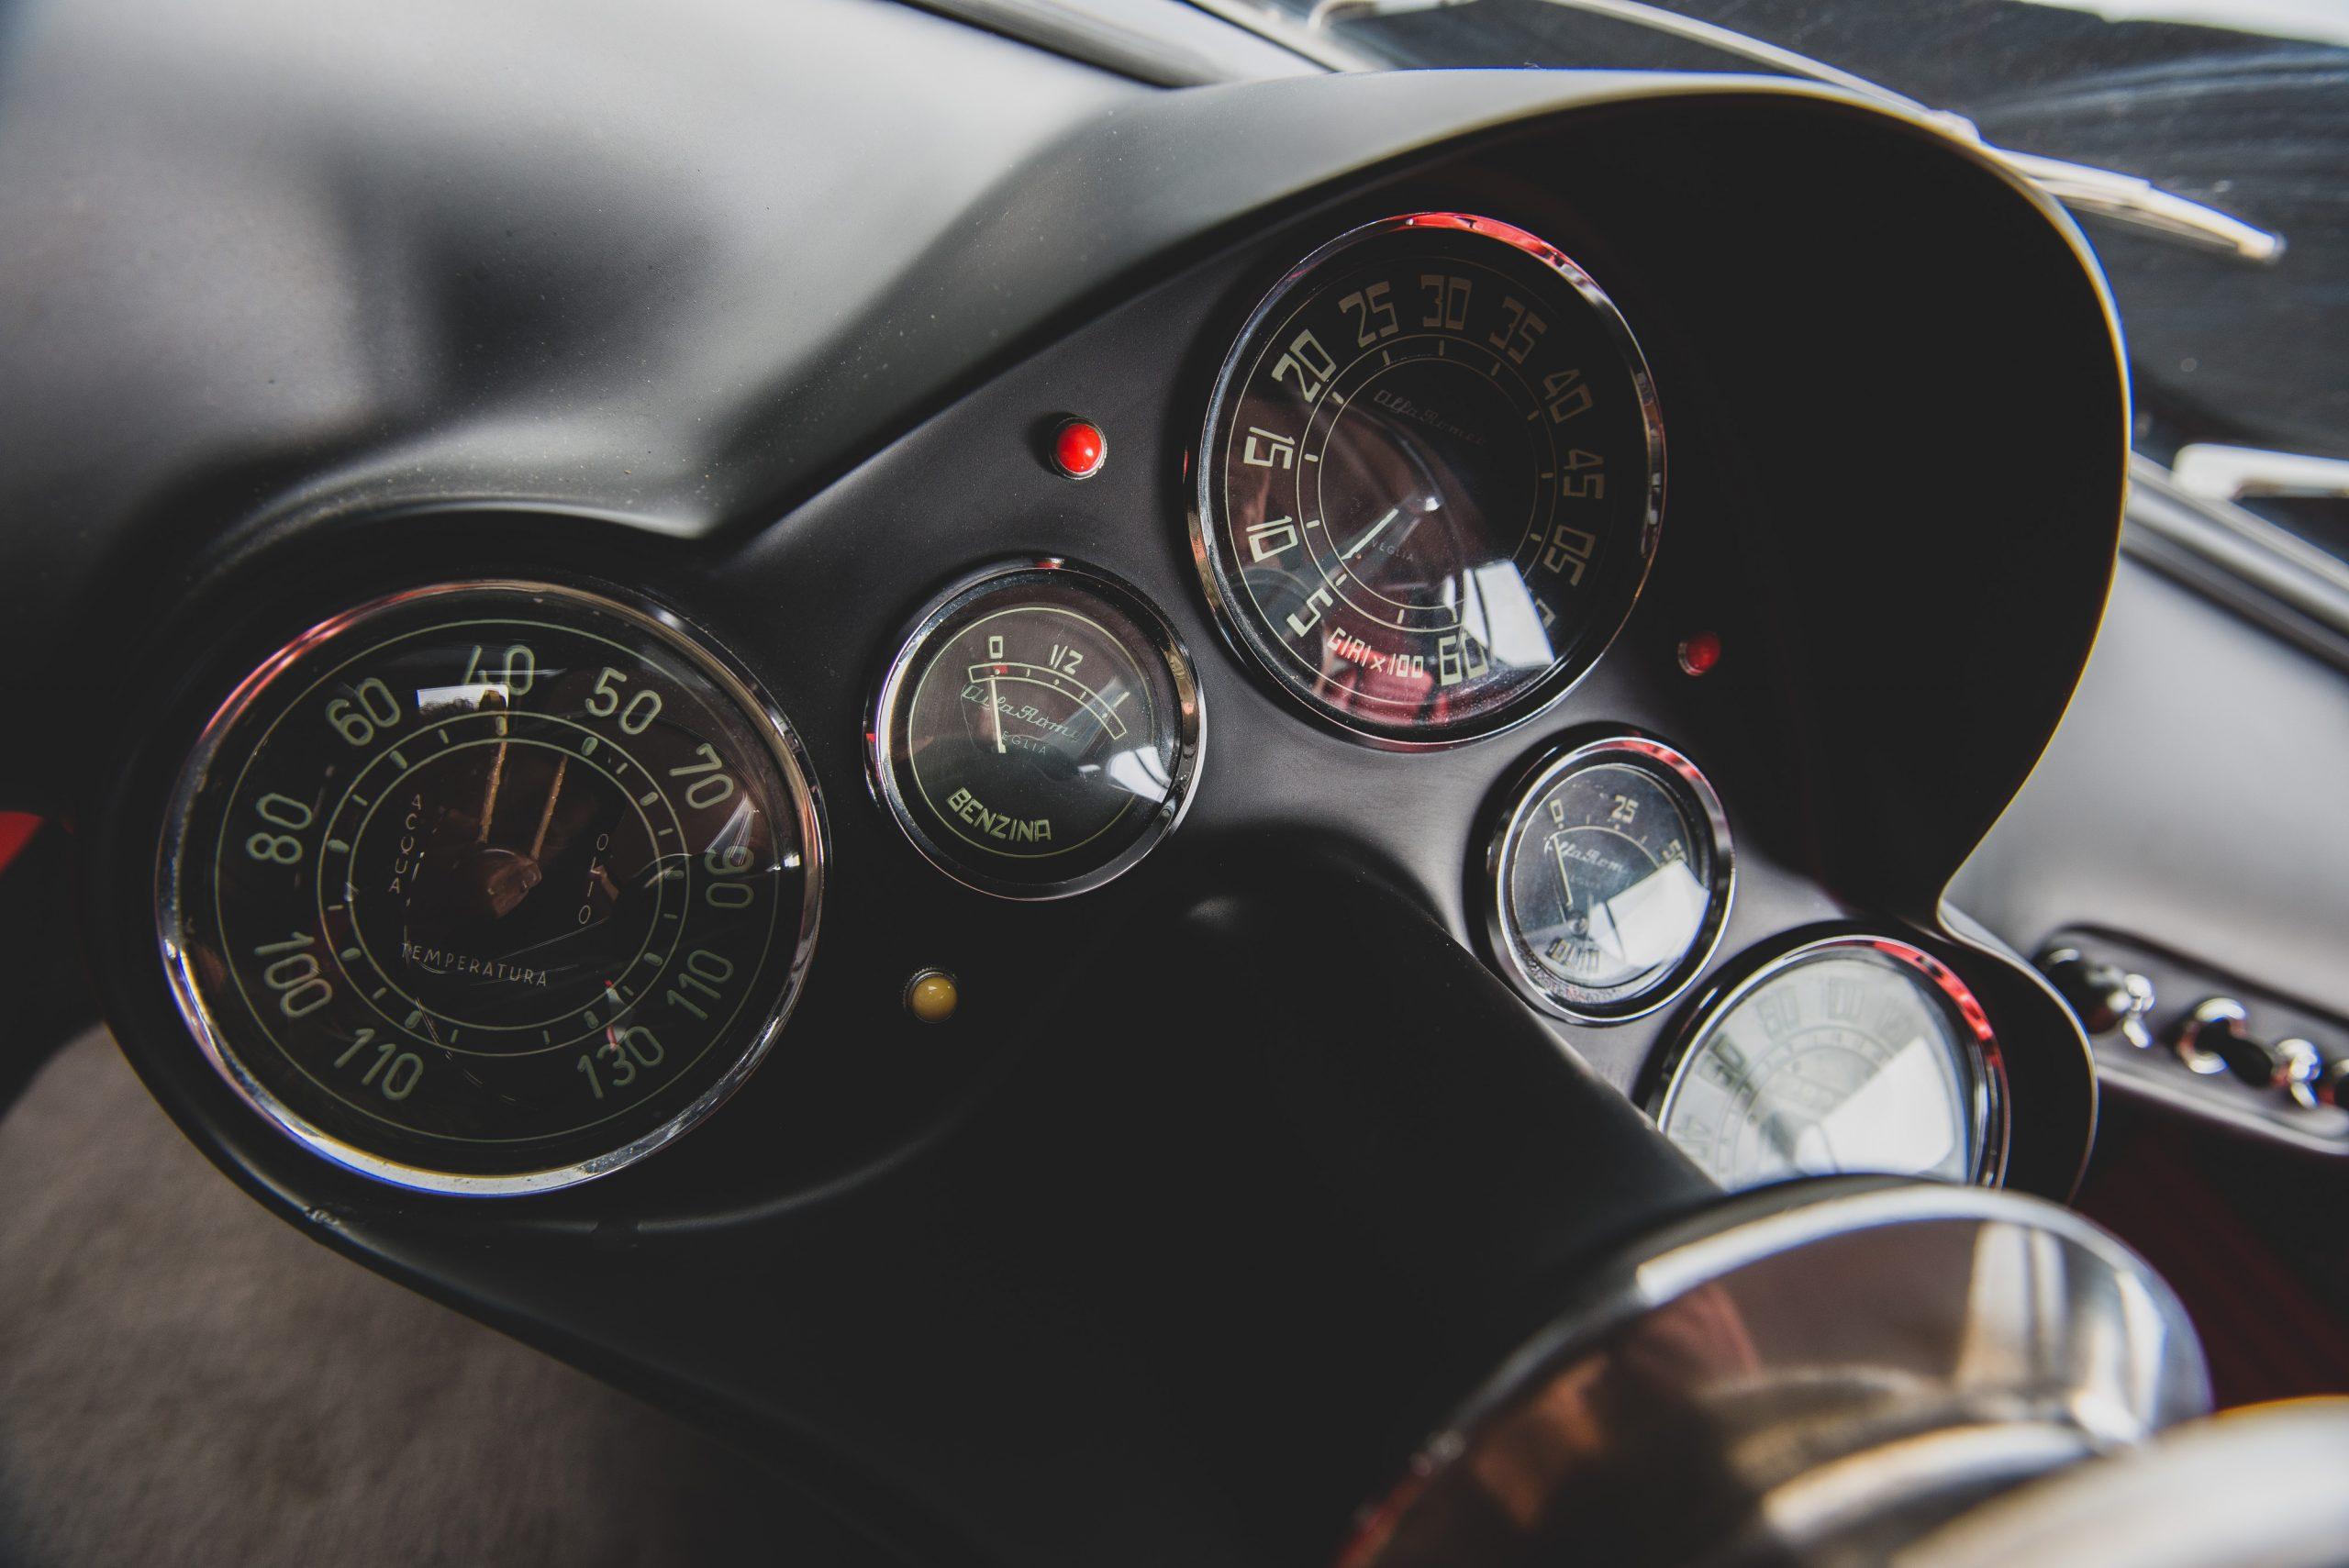 Alfa Romeo Berlina Aerodinamica Tecnica gauges